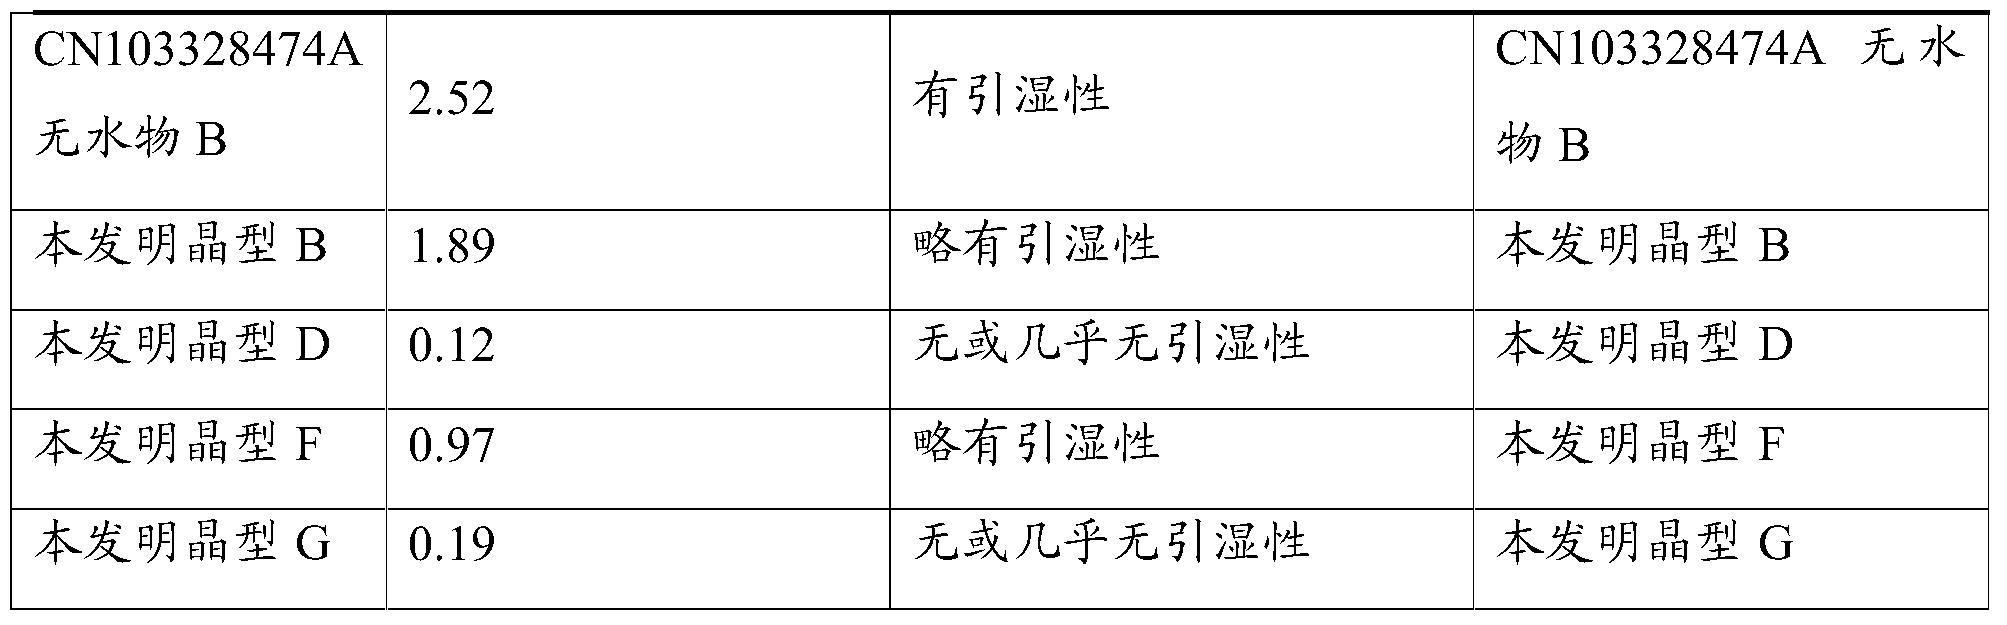 Figure PCTCN2016102022-appb-000011